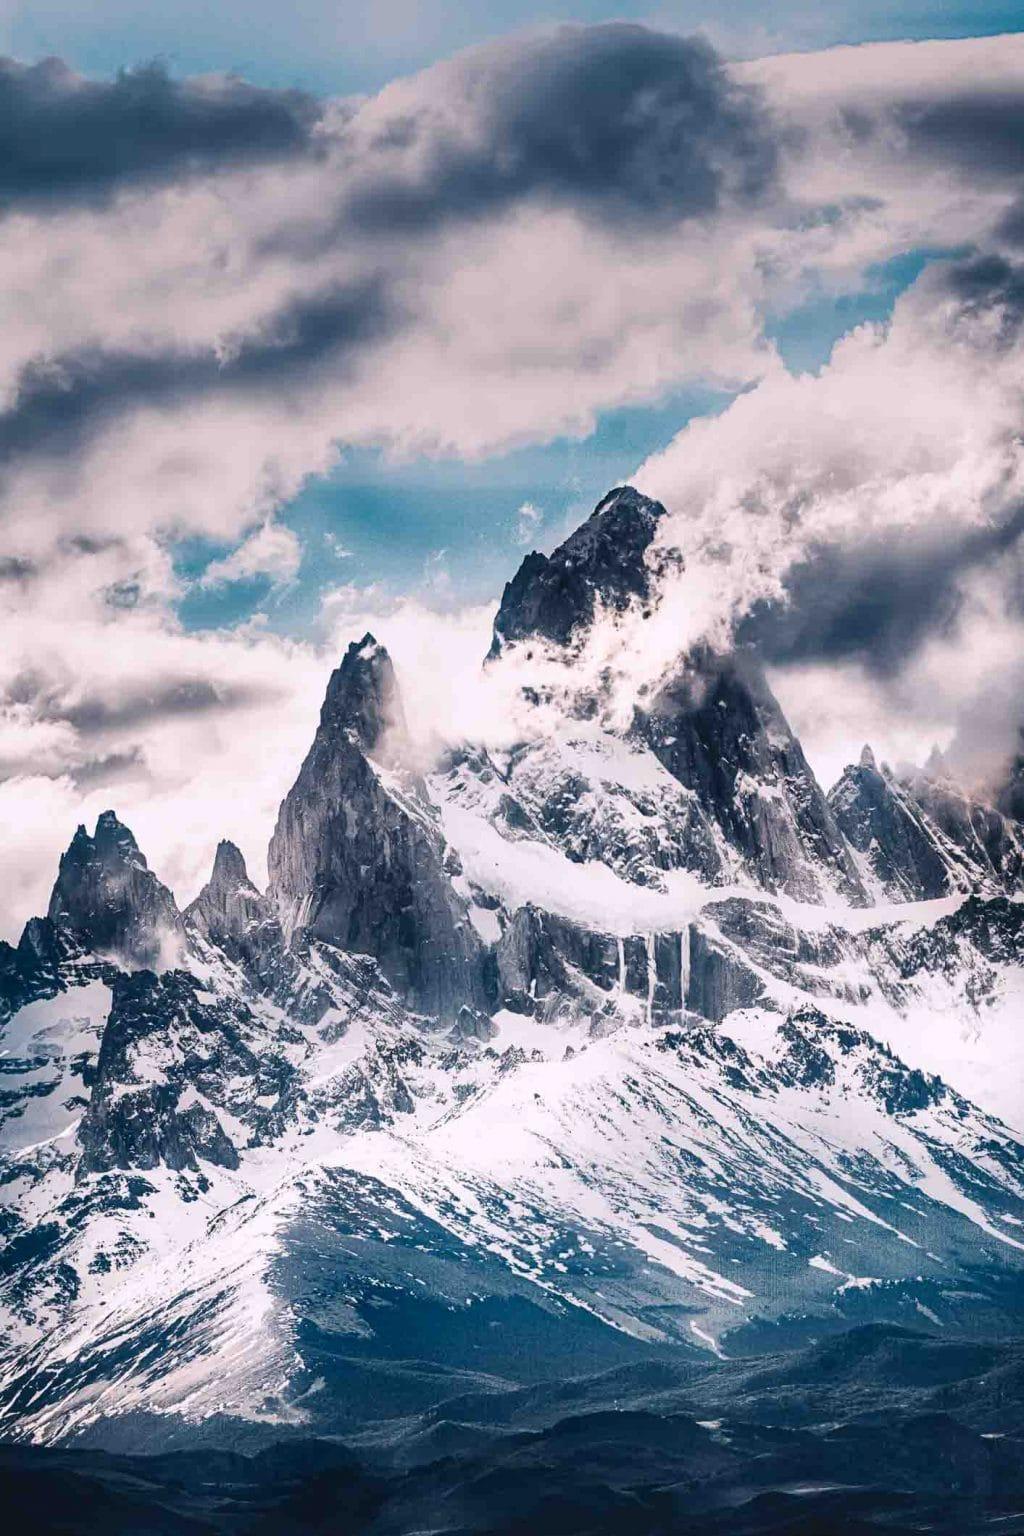 Parque National los Glaciares